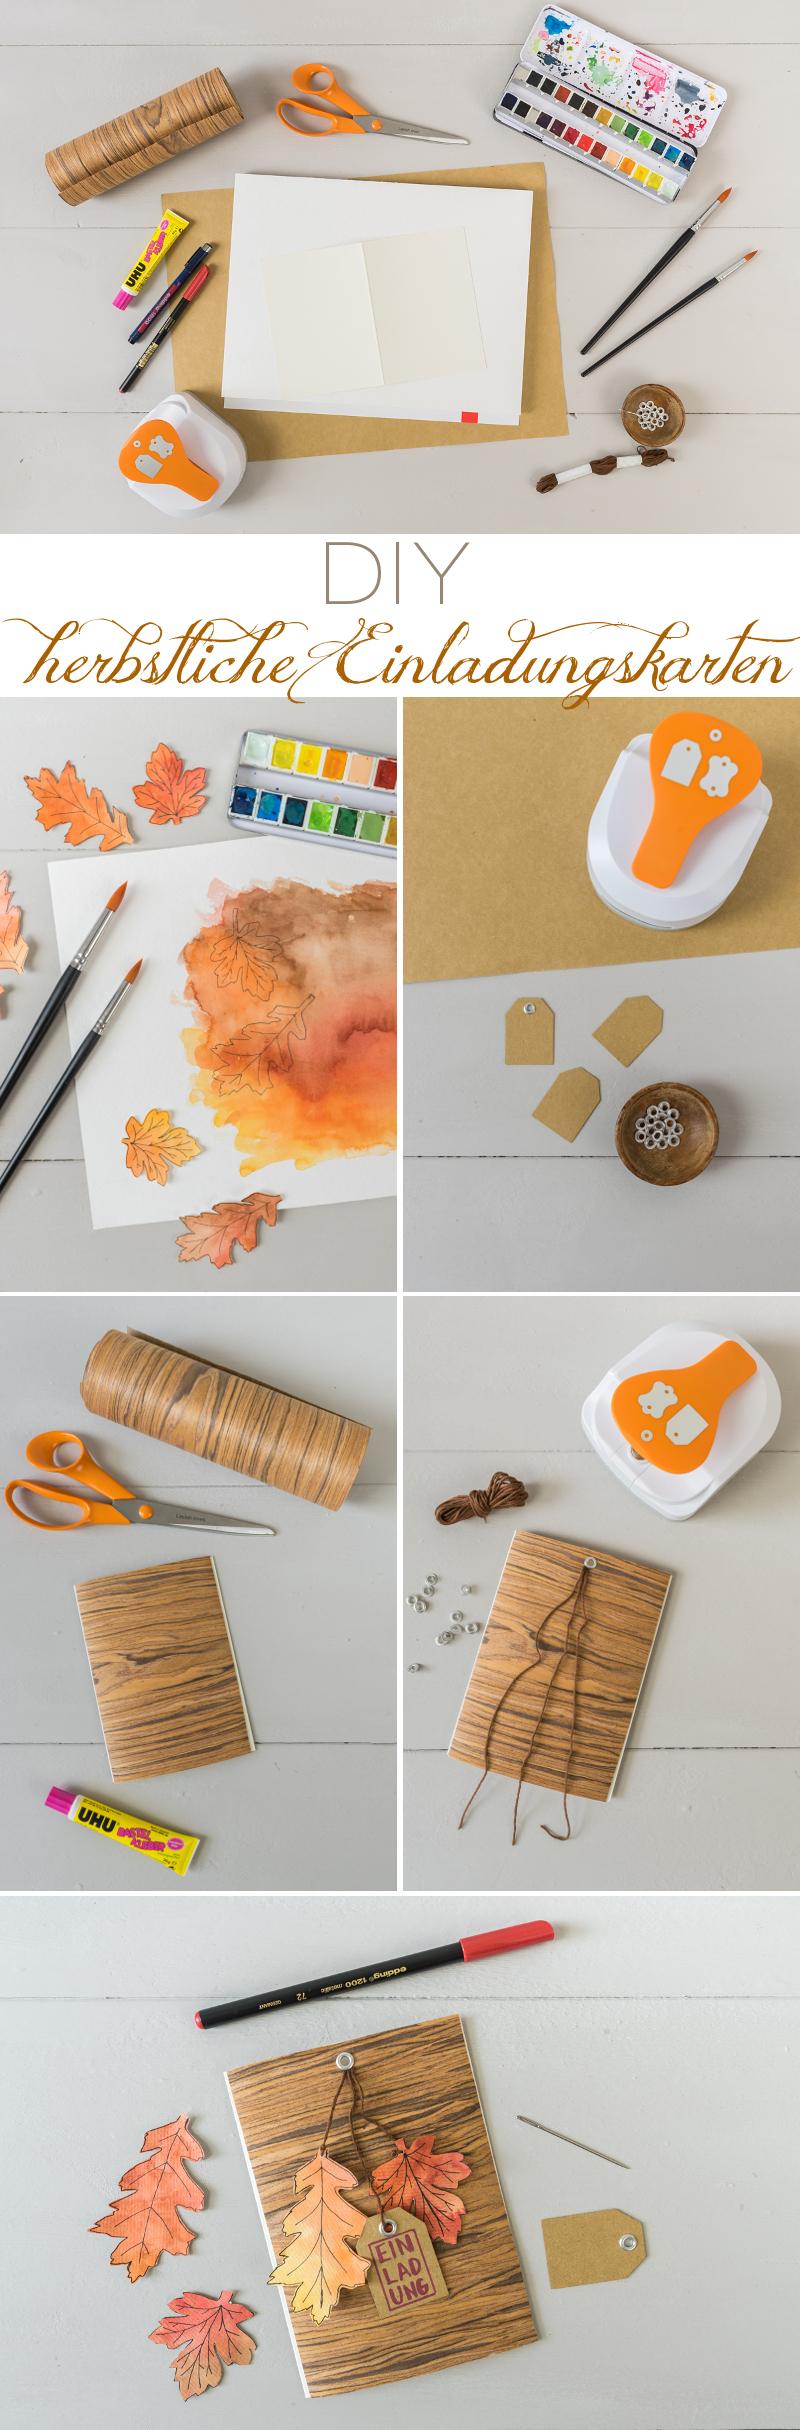 Anleitung für eine selbstgemachte DIY Einladungskarte aus Papier und Holzstoff als kreative Einladung zum Geburtstag im Herbst mit Aquarell Blättern